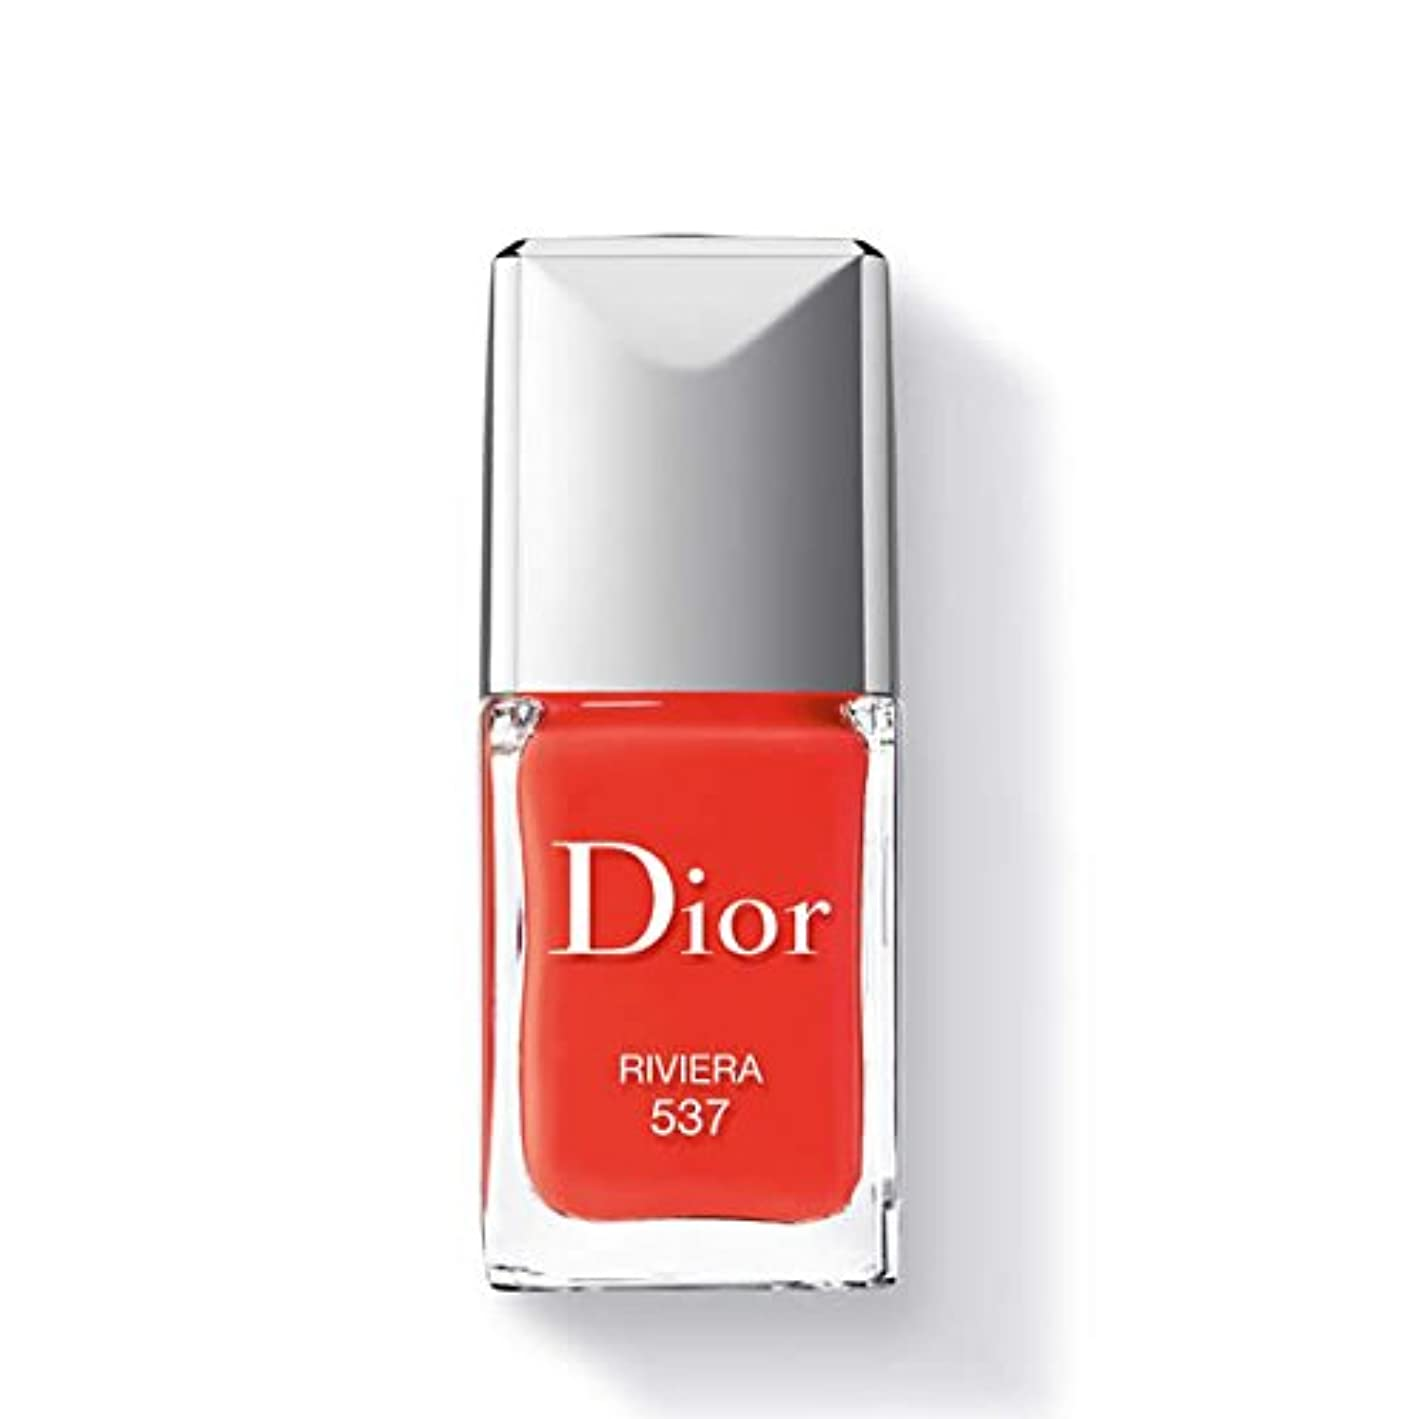 出来事幹乳剤Dior ディオールヴェルニ #537 リヴィエラ 10ml [208031] [並行輸入品]